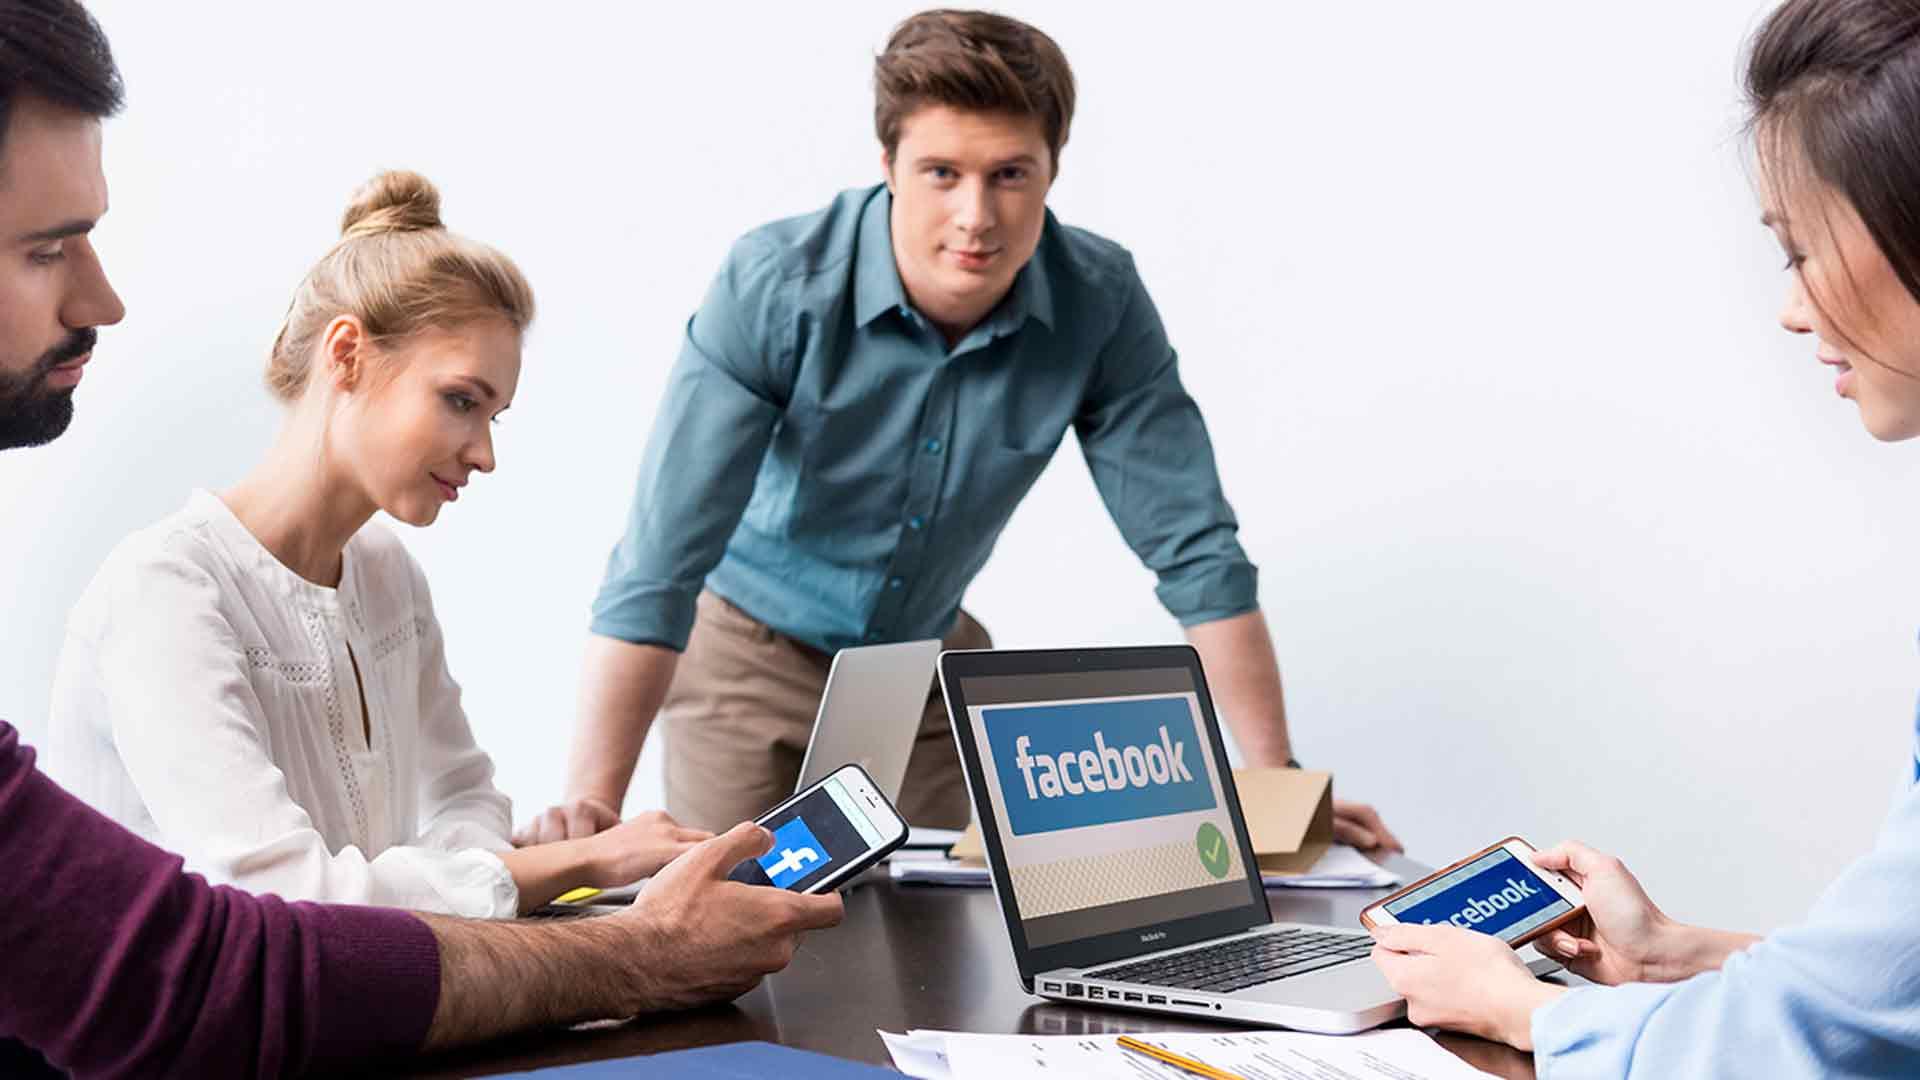 Gruppe brainstormt über Facebook und Co.